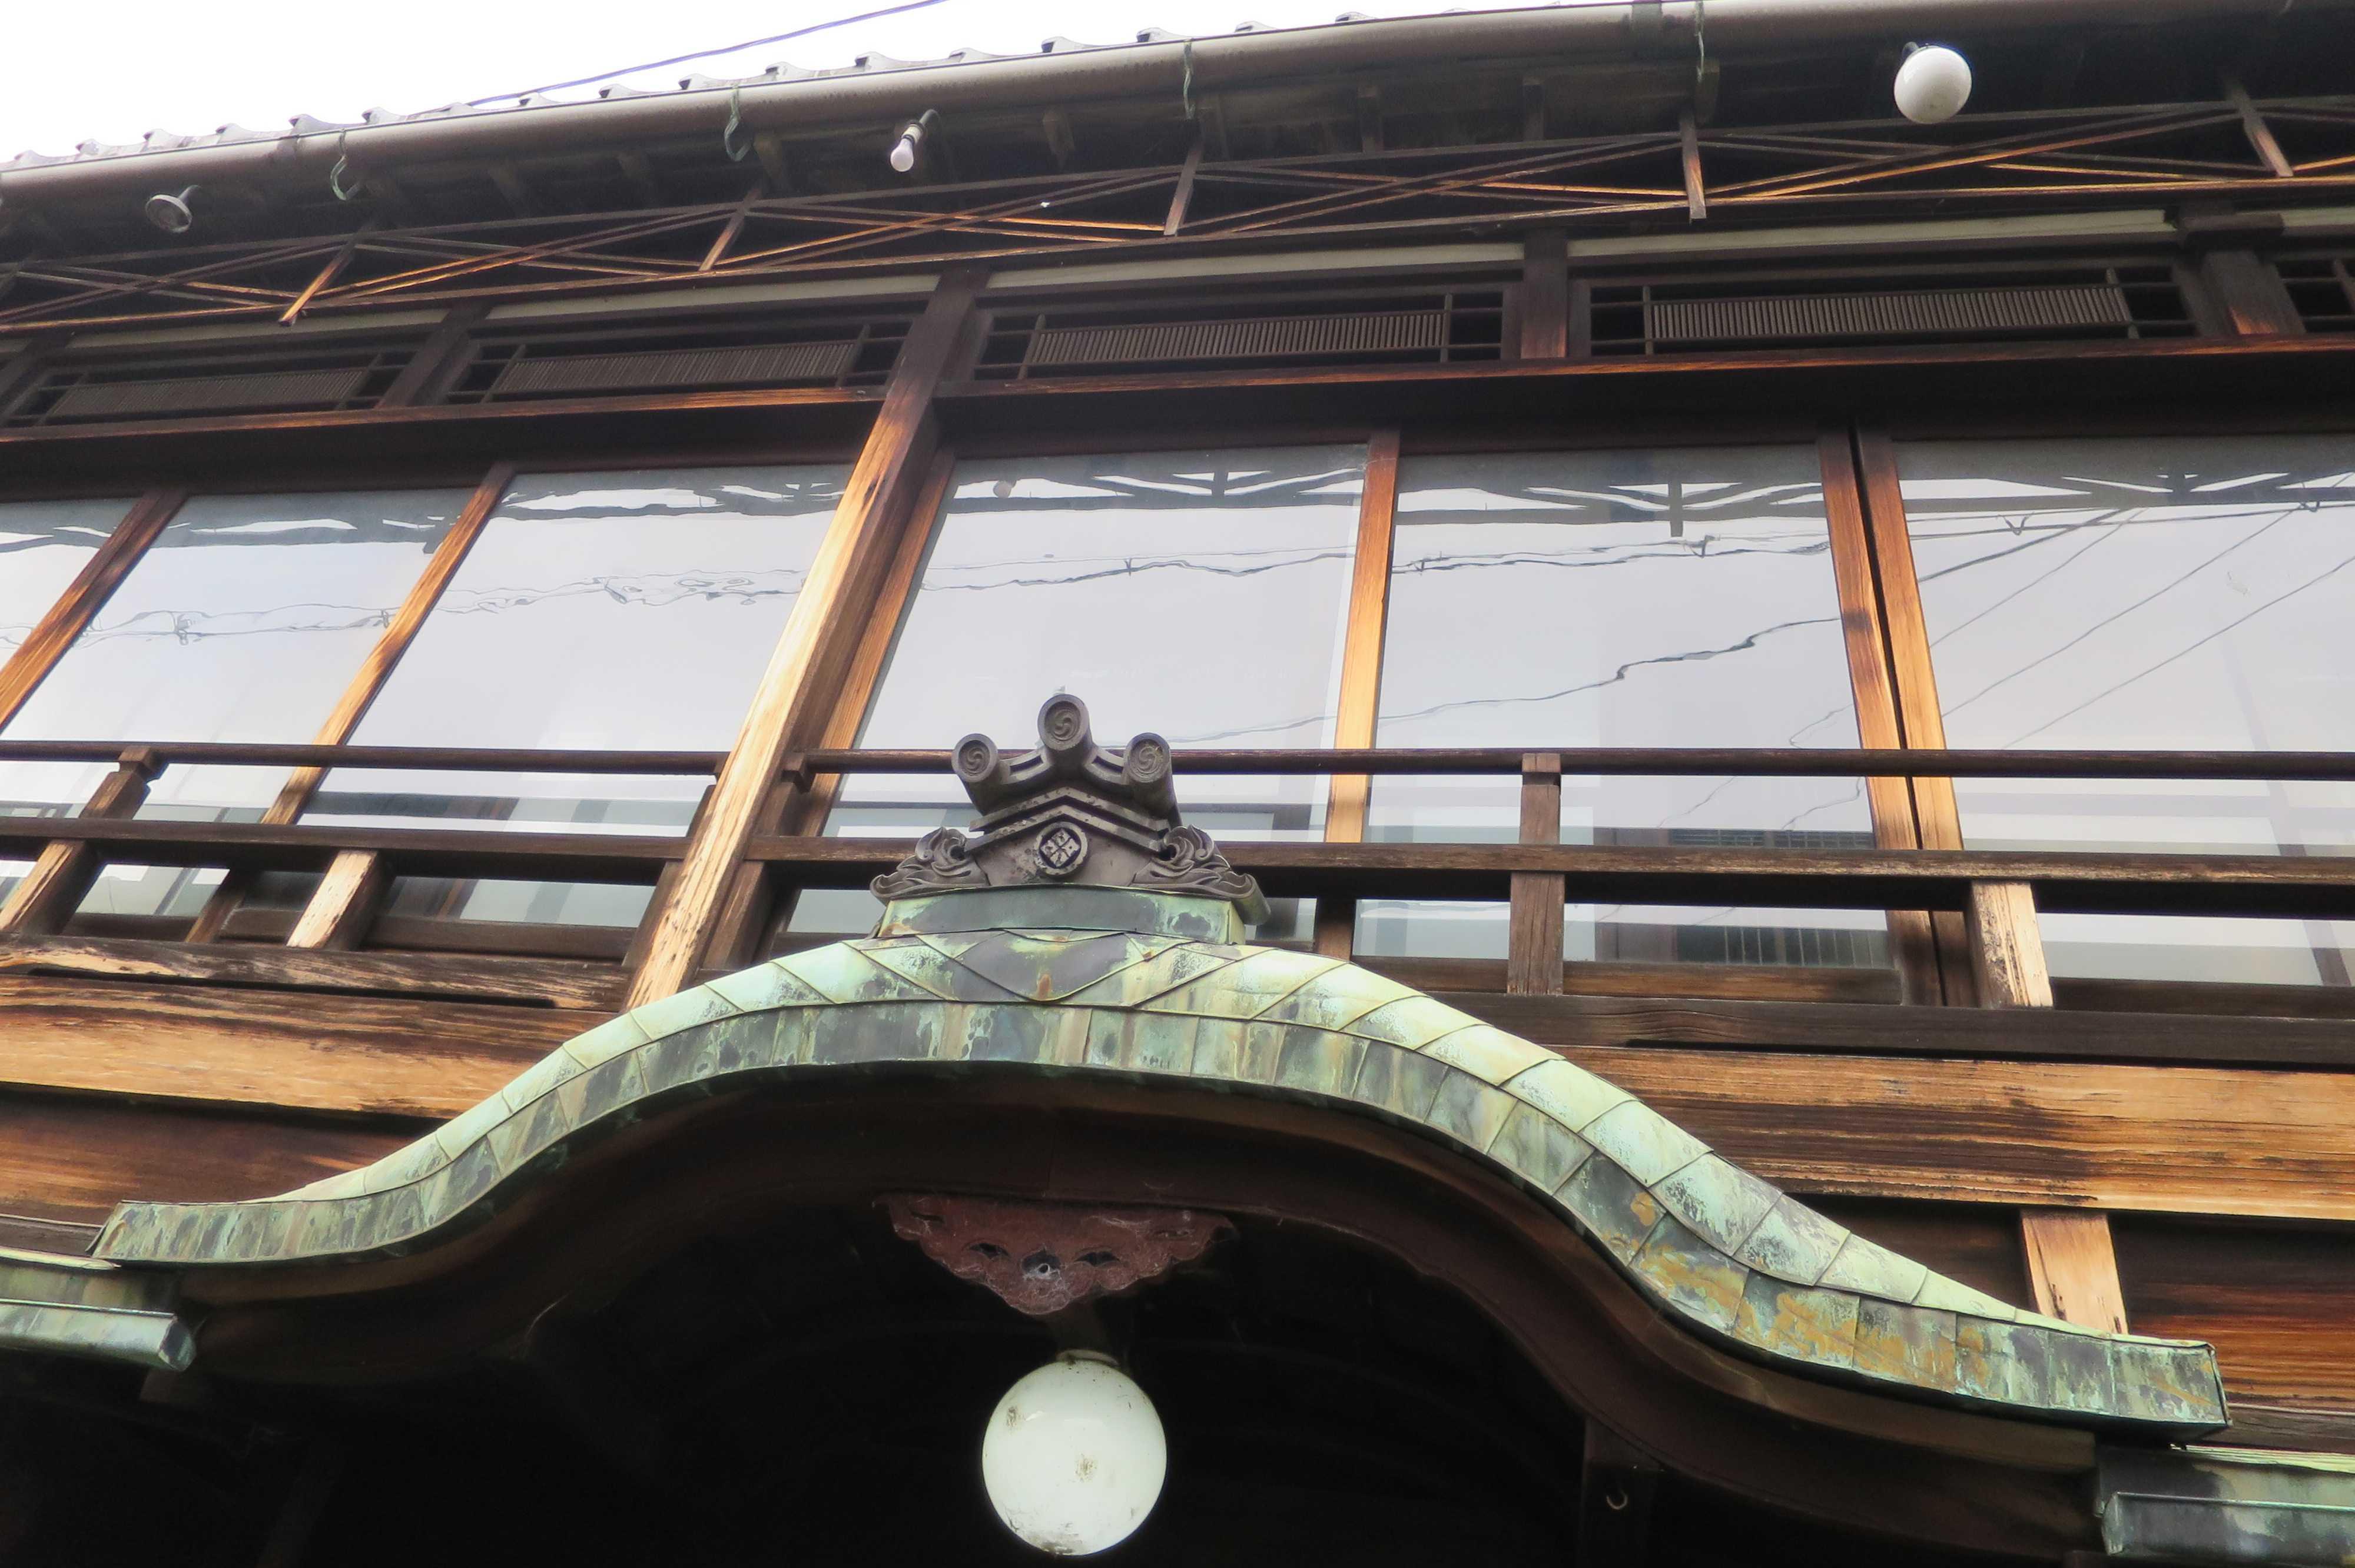 京都・五条楽園の遊郭のガラス窓と手すり(欄干)